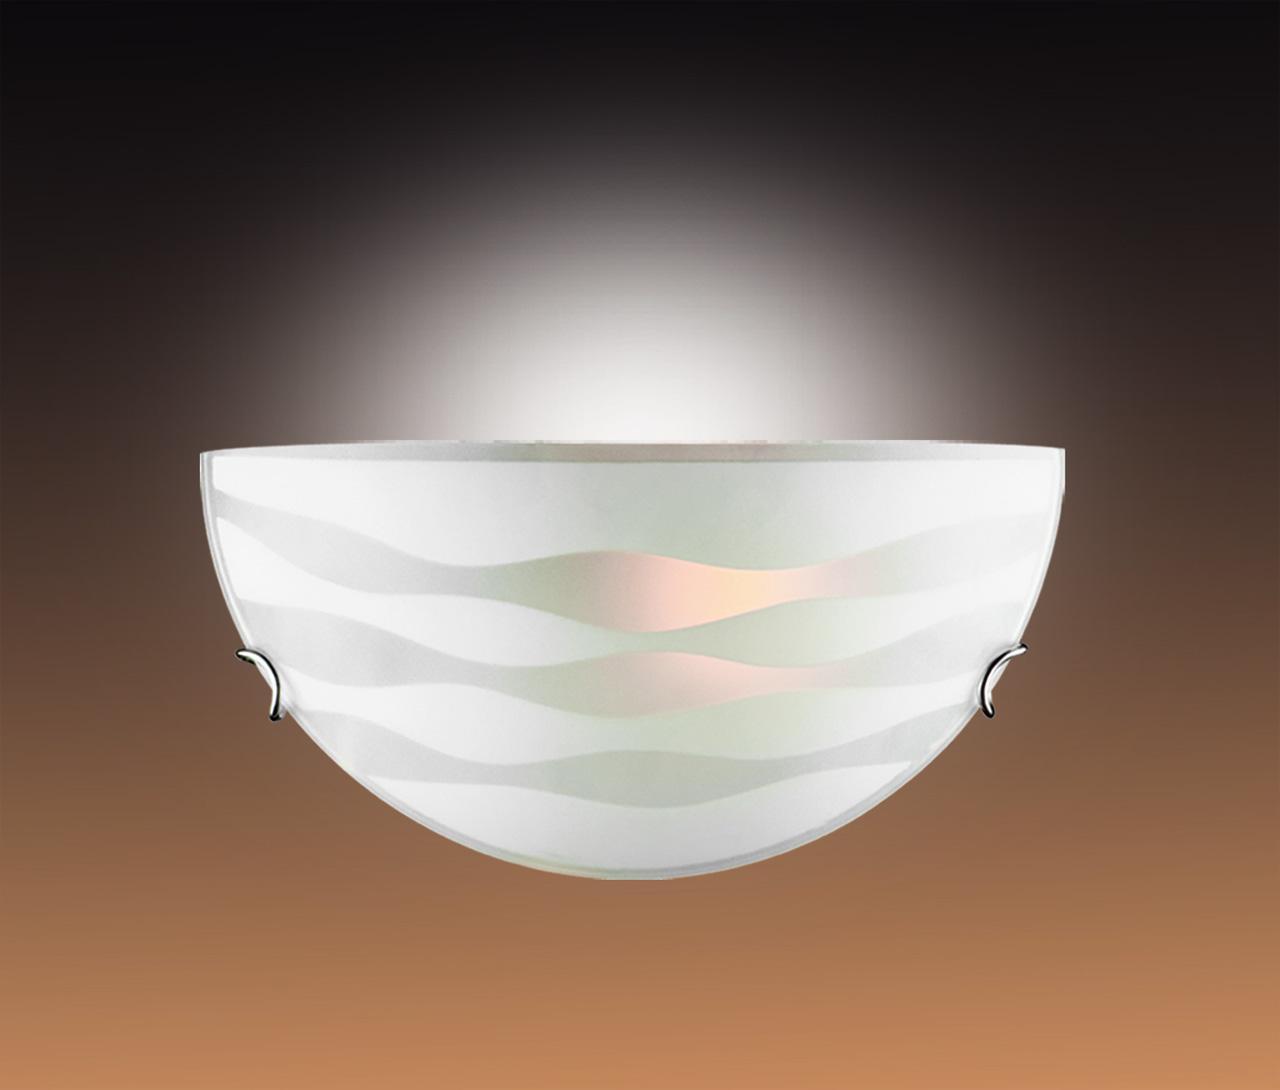 Настенный светильник Sonex Ondina 033 накладной светильник sonex ondina 033